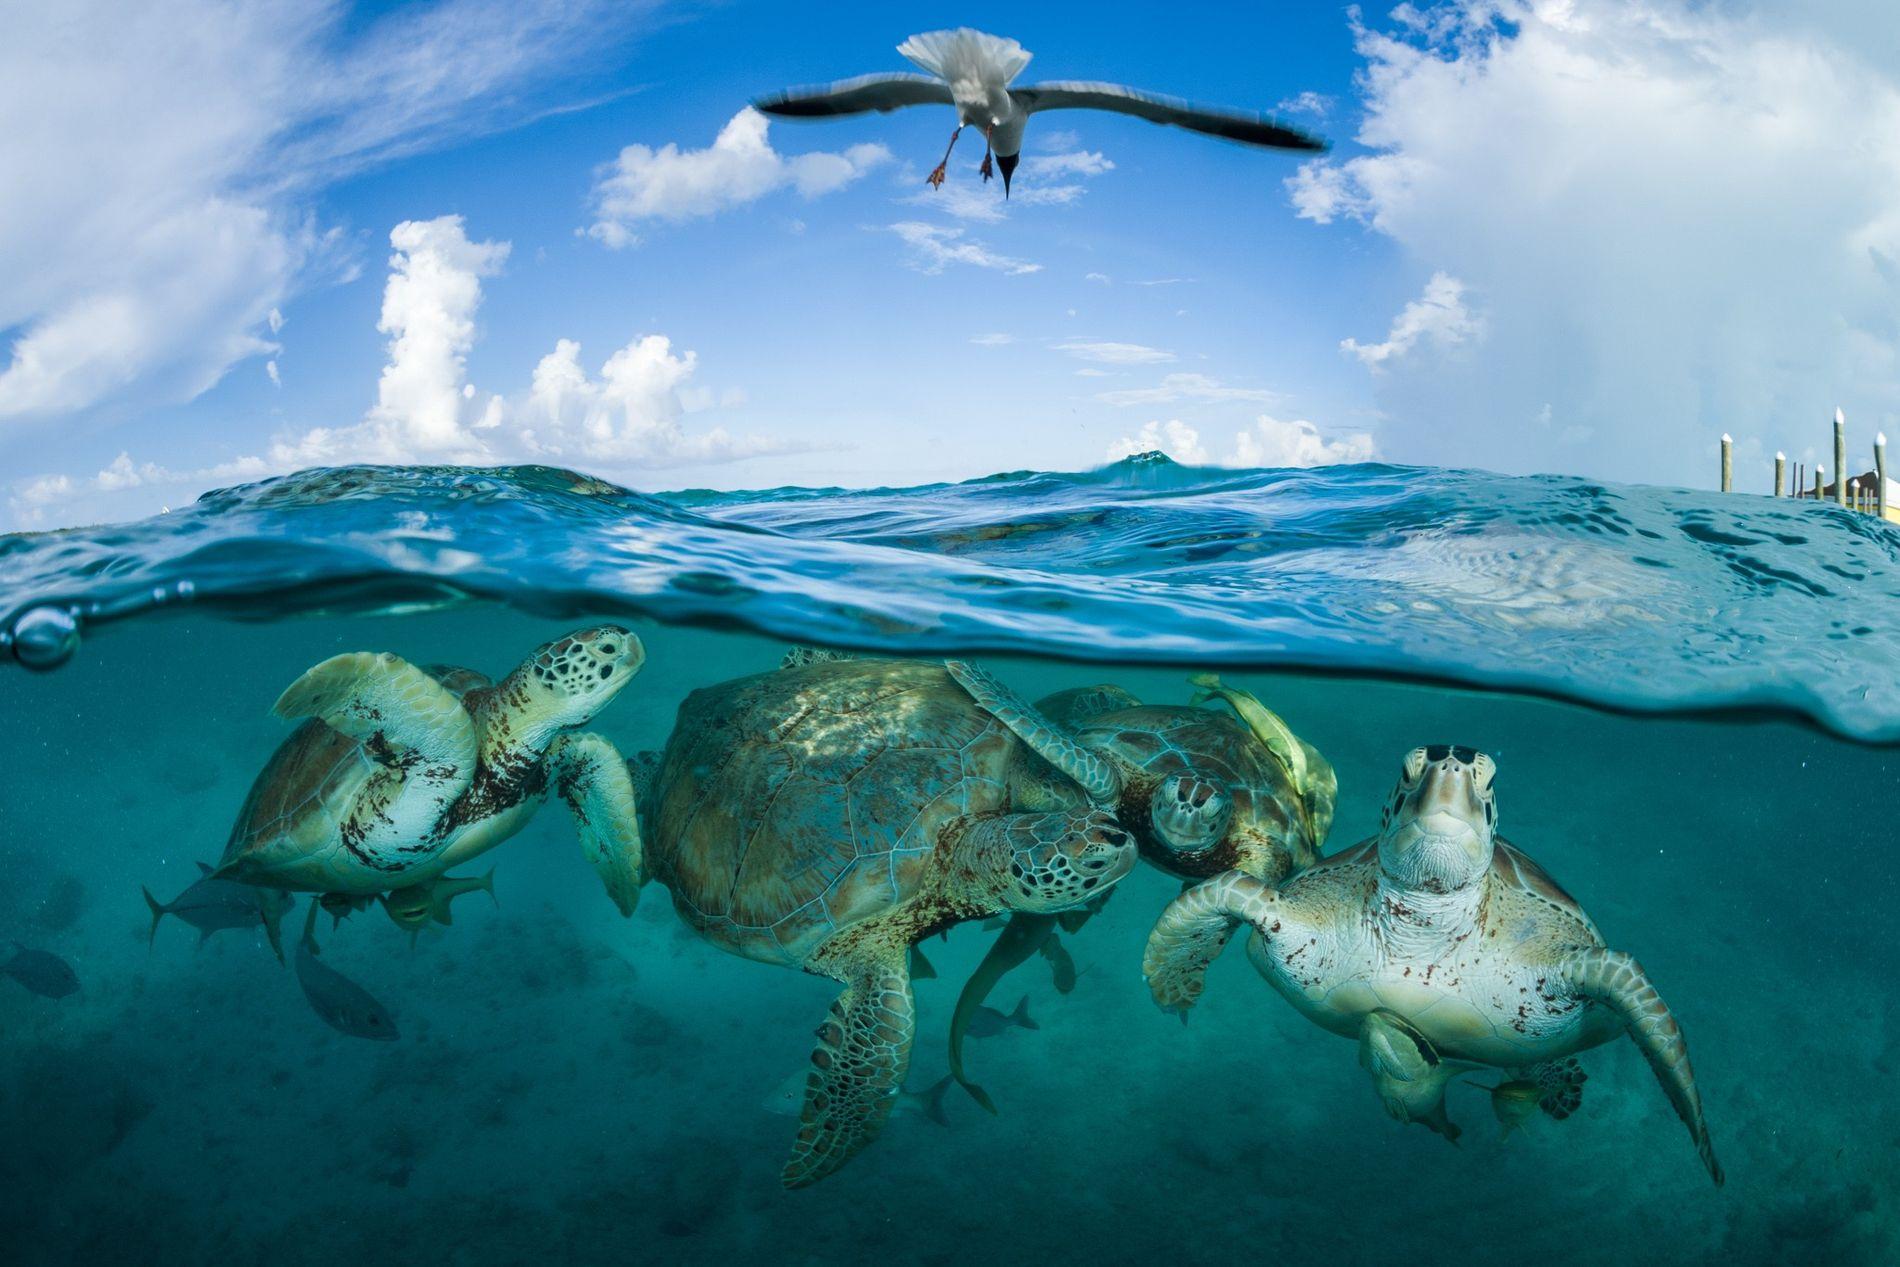 Des tortues vertes se rassemblent près d'un quai dans le cadre d'un projet d'écotourisme naissant aux Bahamas. Les tortues vertes étaient si nombreuses dans les Caraïbes quand Christophe Colomb y a débarqué qu'« il semblait que les navires s'échouaient », selon les récits de son deuxième voyage en 1494. Aujourd'hui, l'Union internationale pour la conservation de la nature (UICN) considère cette espèce comme étant menacée d'extinction.